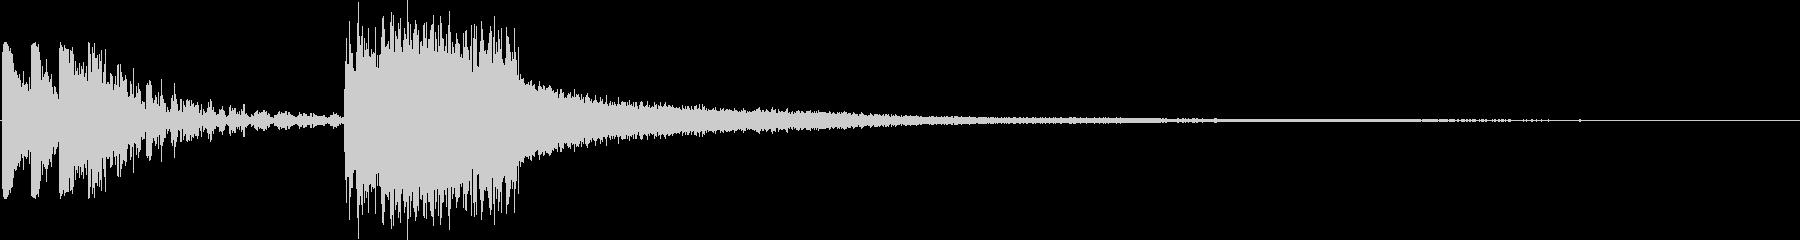 KANTロックバンドジングル1の未再生の波形